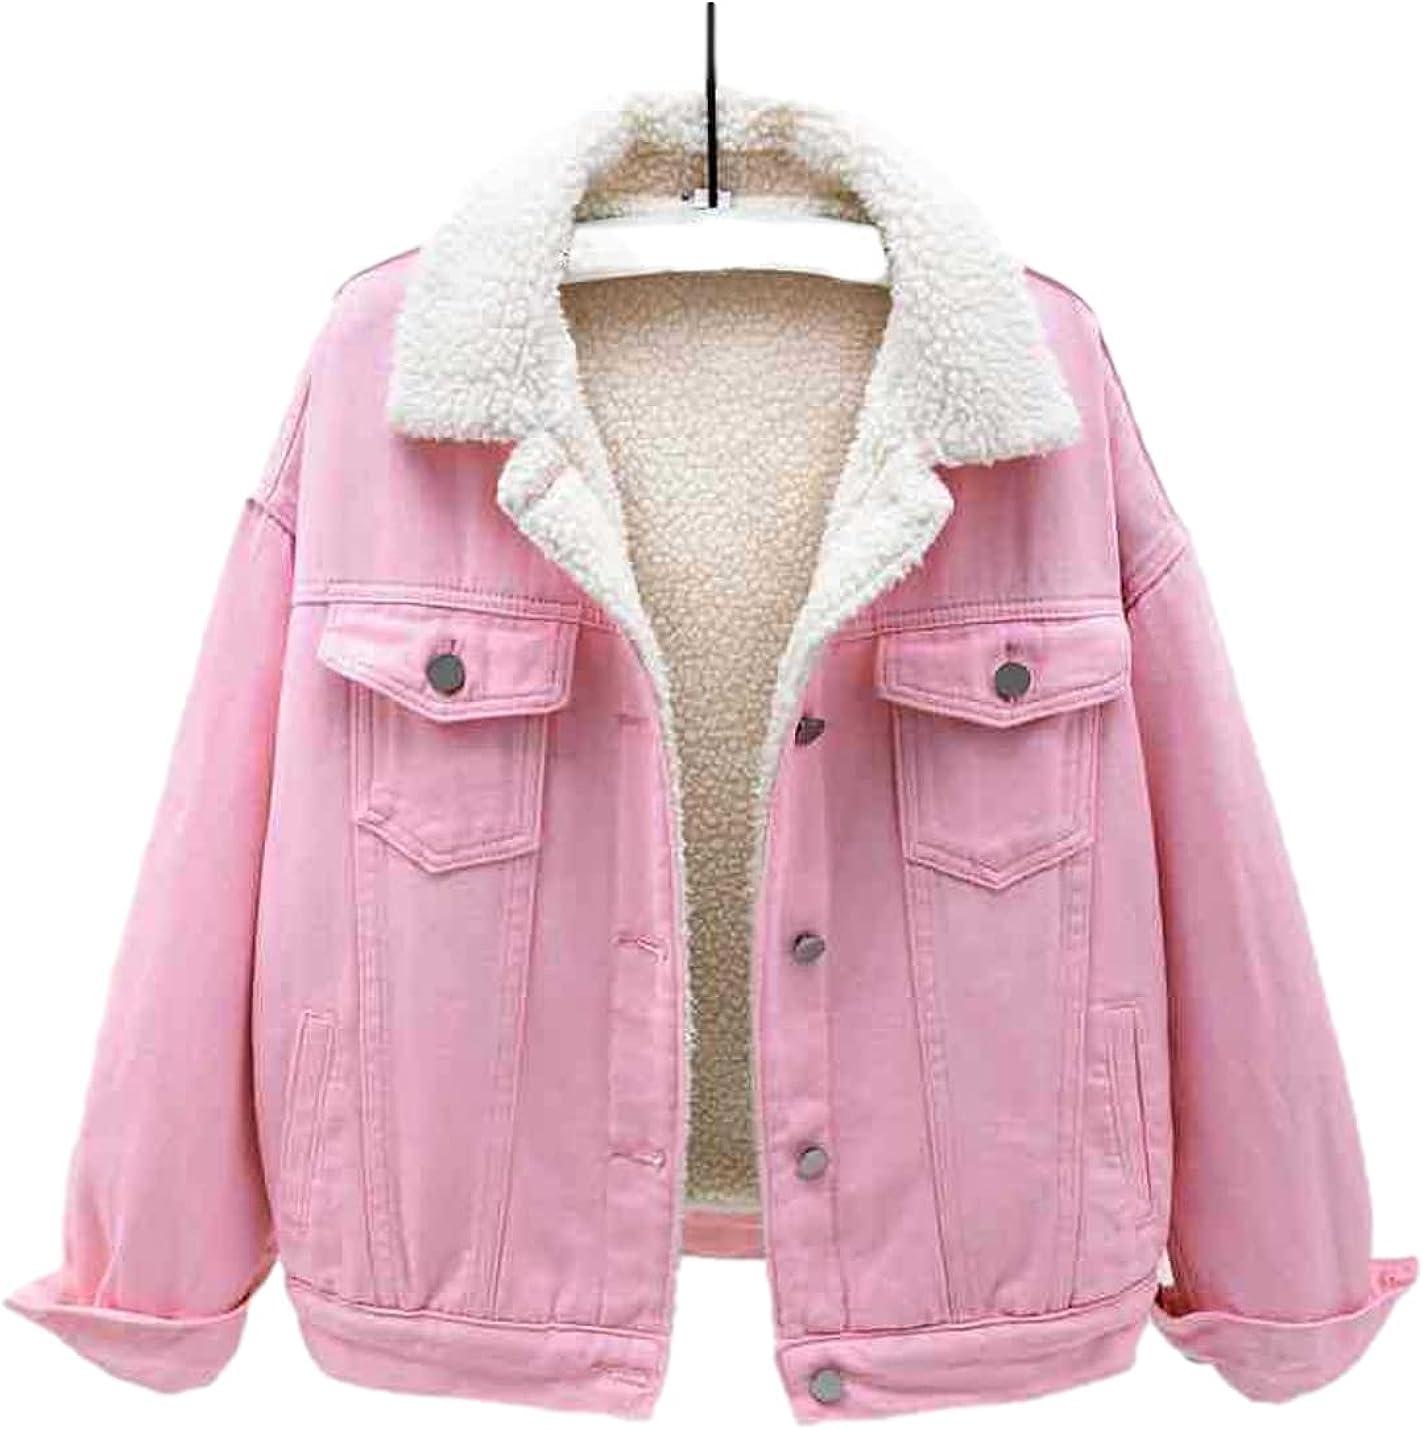 Bnigung Women's Winter Warm Fleece Lined Denim Jacket Lapel Long Sleeve Jean Coat